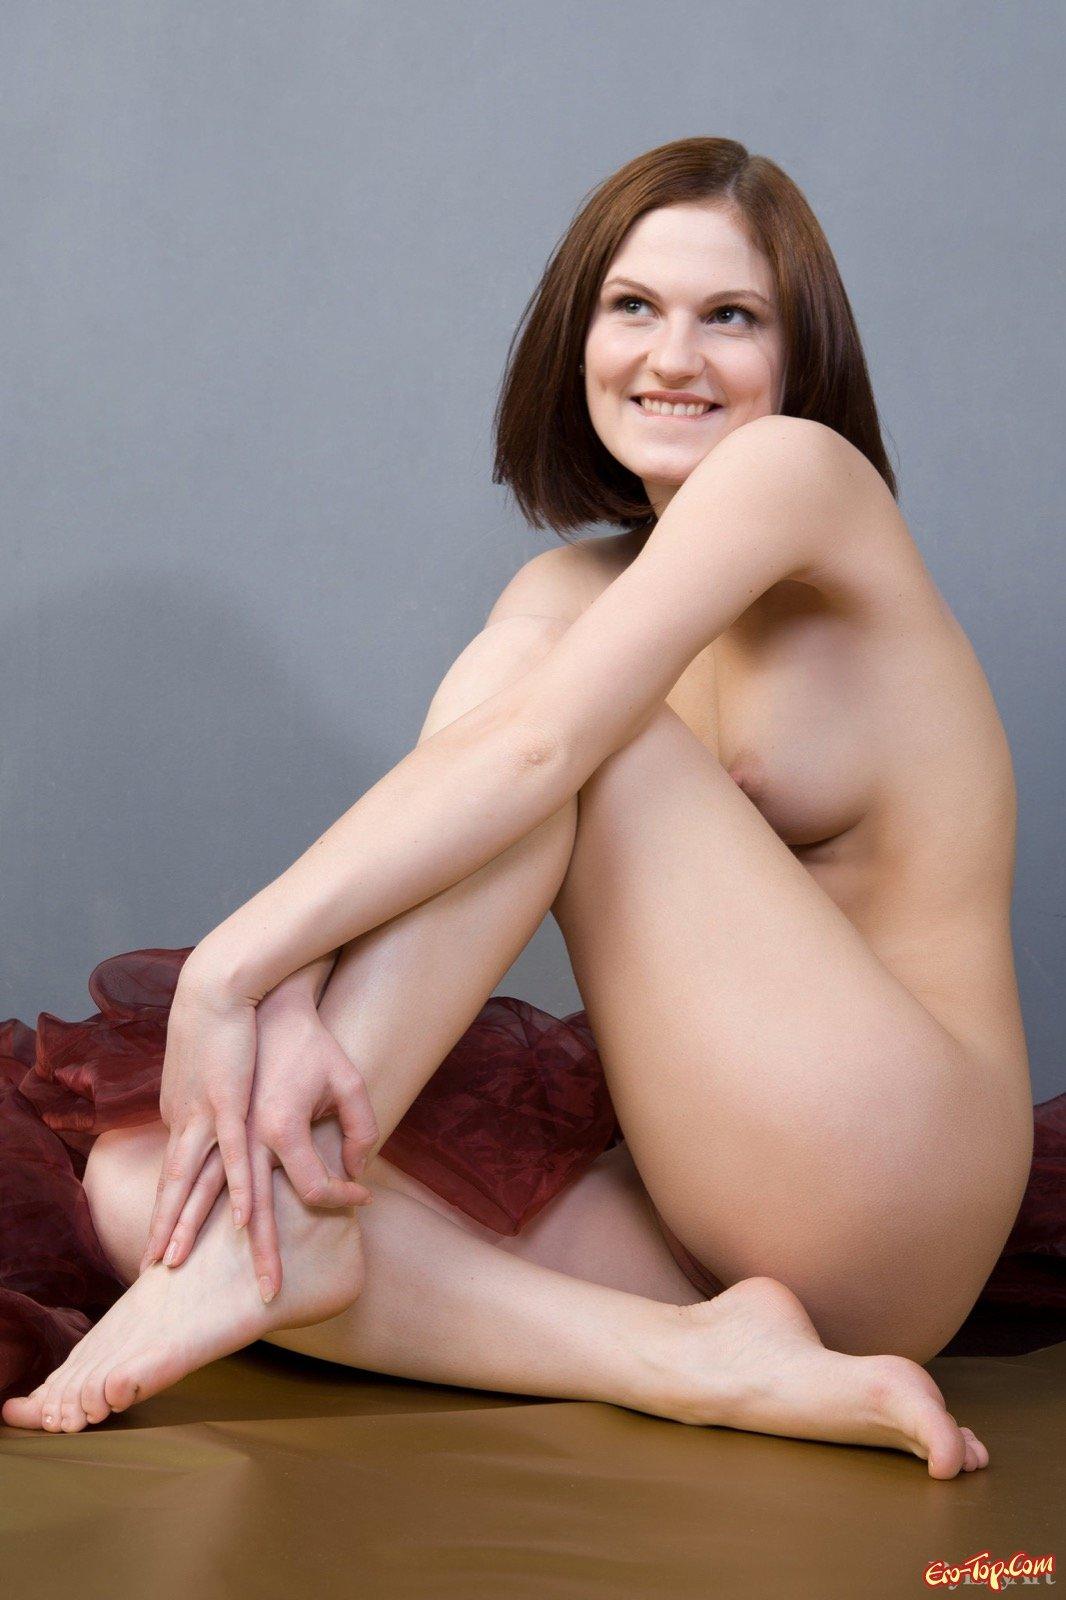 Симпатичная леди эротично снимается голой на полу